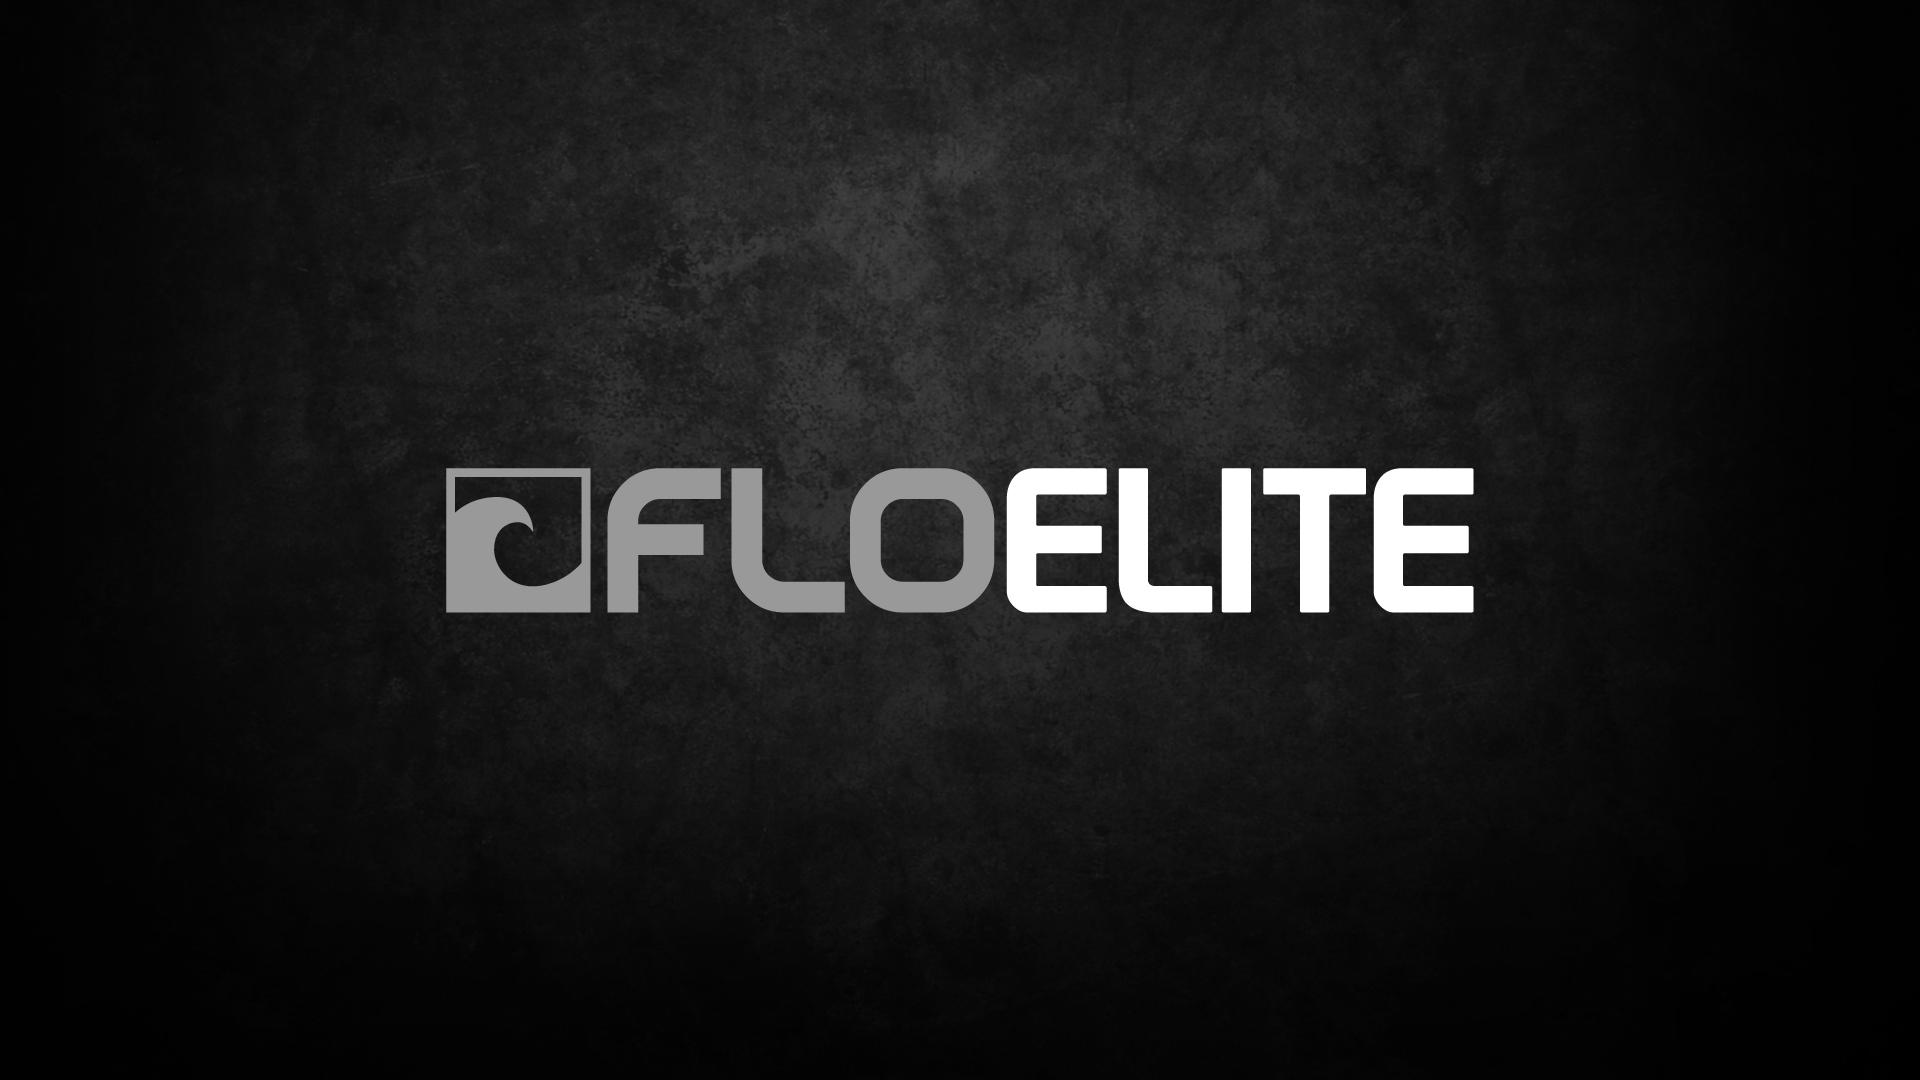 FloElite-Logo-Overlay.jpg